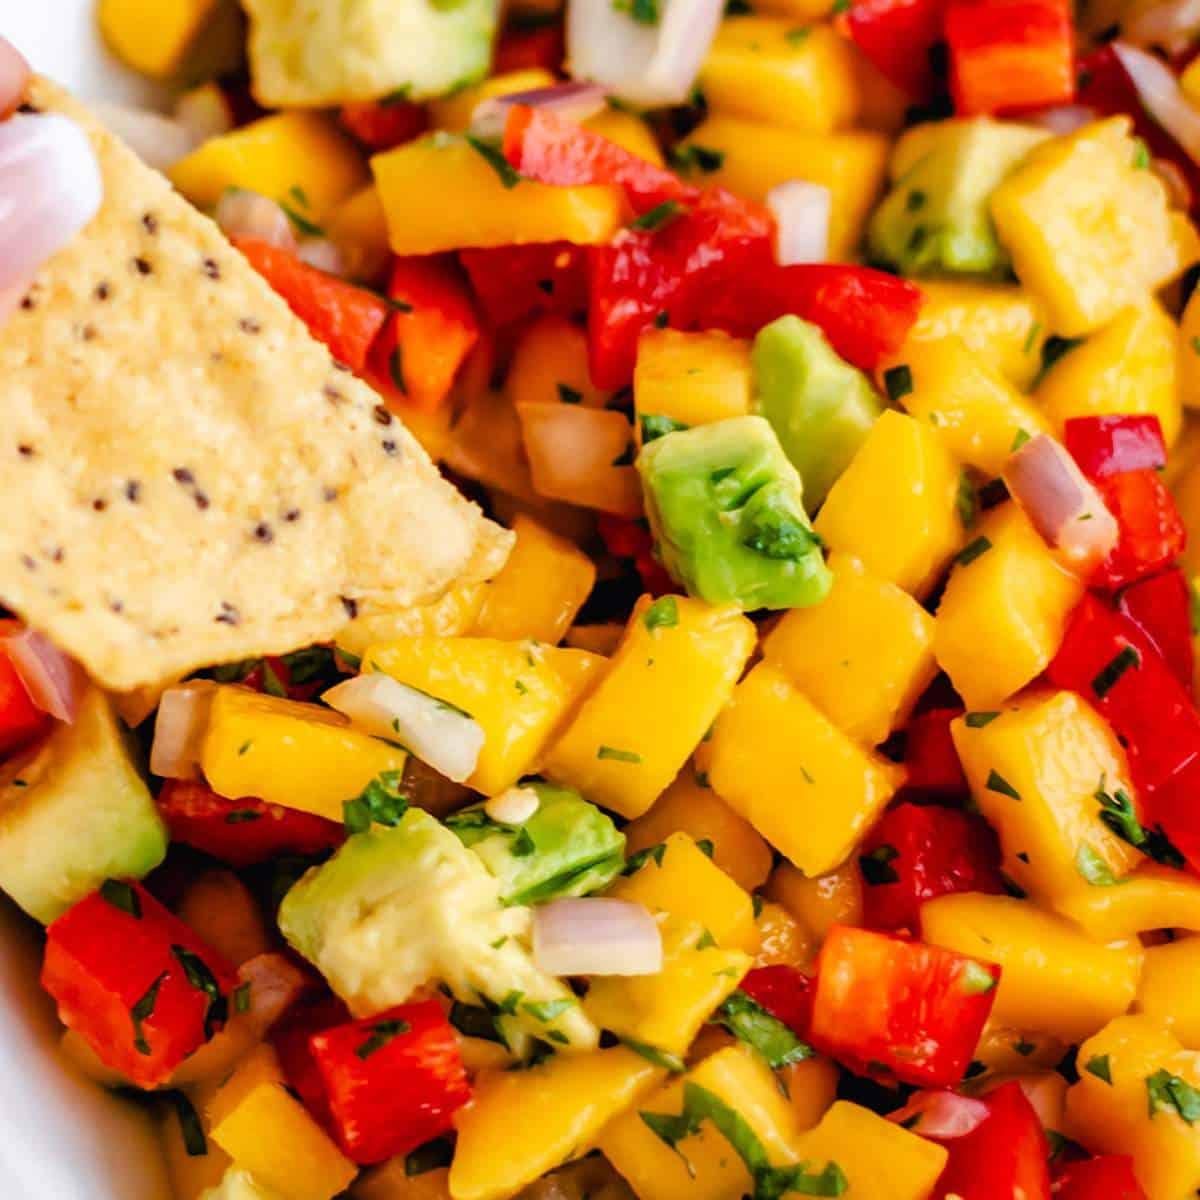 A chip scooping homemade mango and avocado salsa.